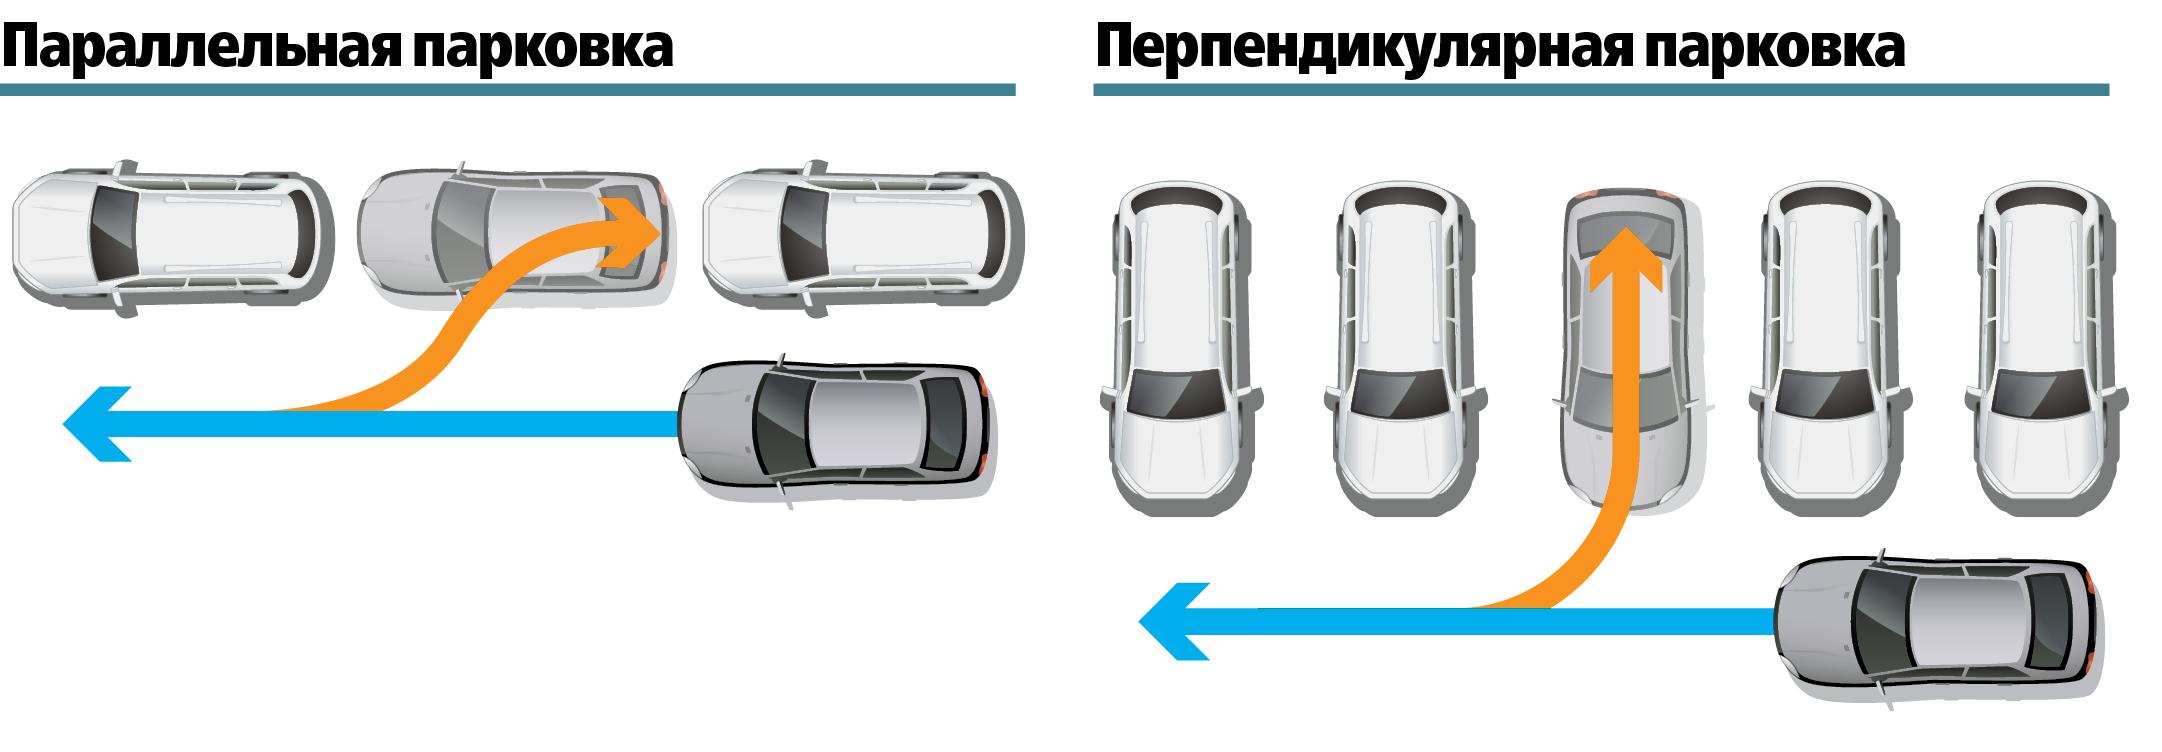 Параллельная и перпендикулярная парковки